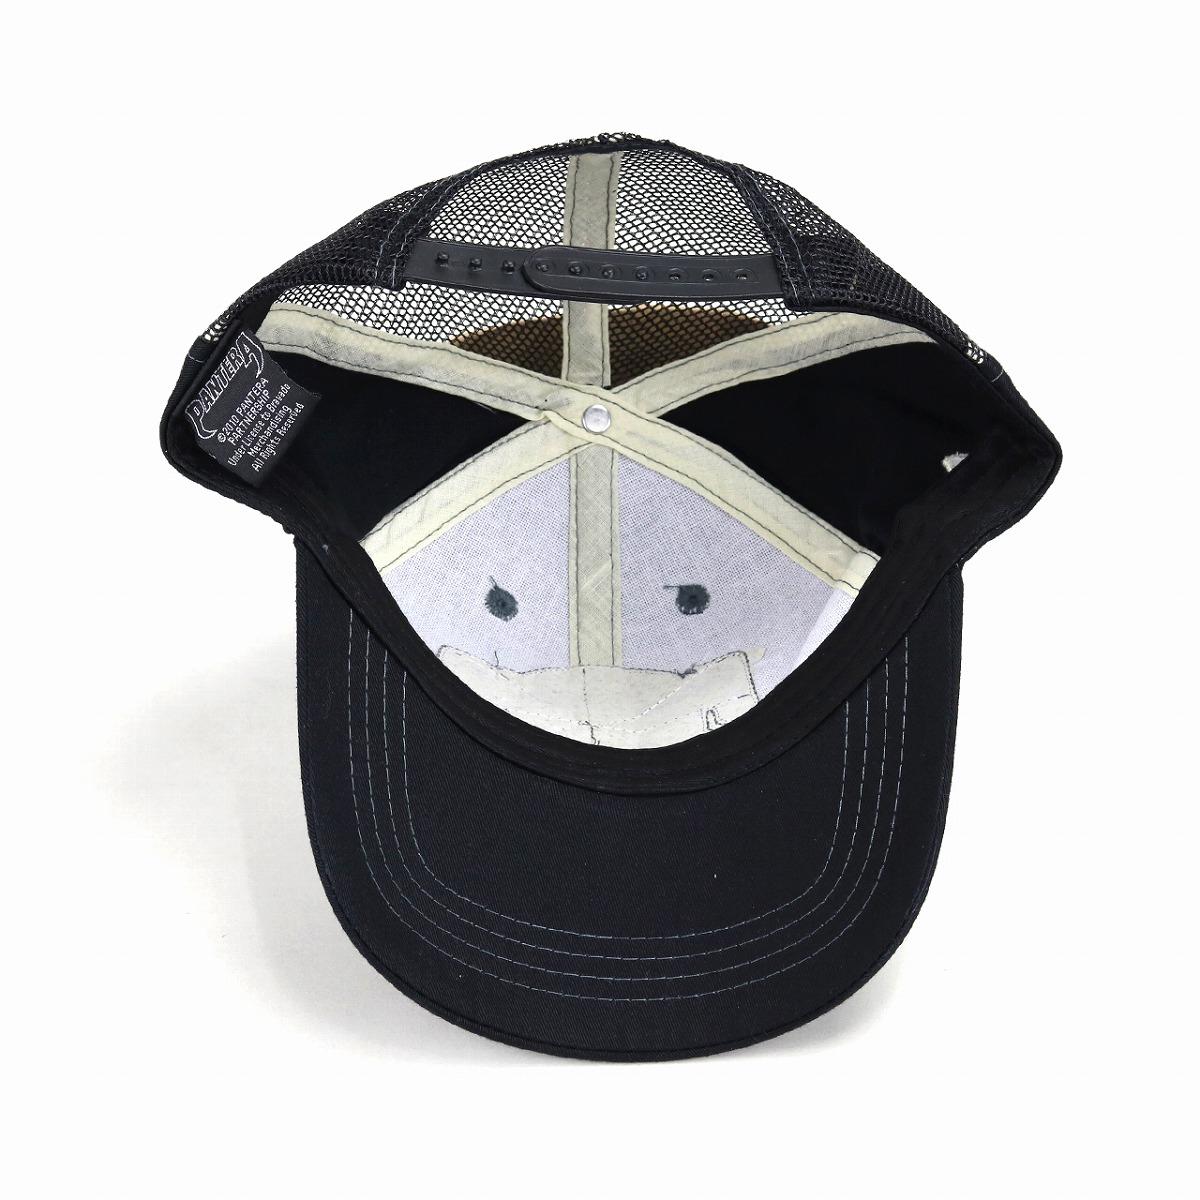 b86e75cc05f ... It is a present in pantera hat cap heavy metal band size adjustable  bread terra cap ...